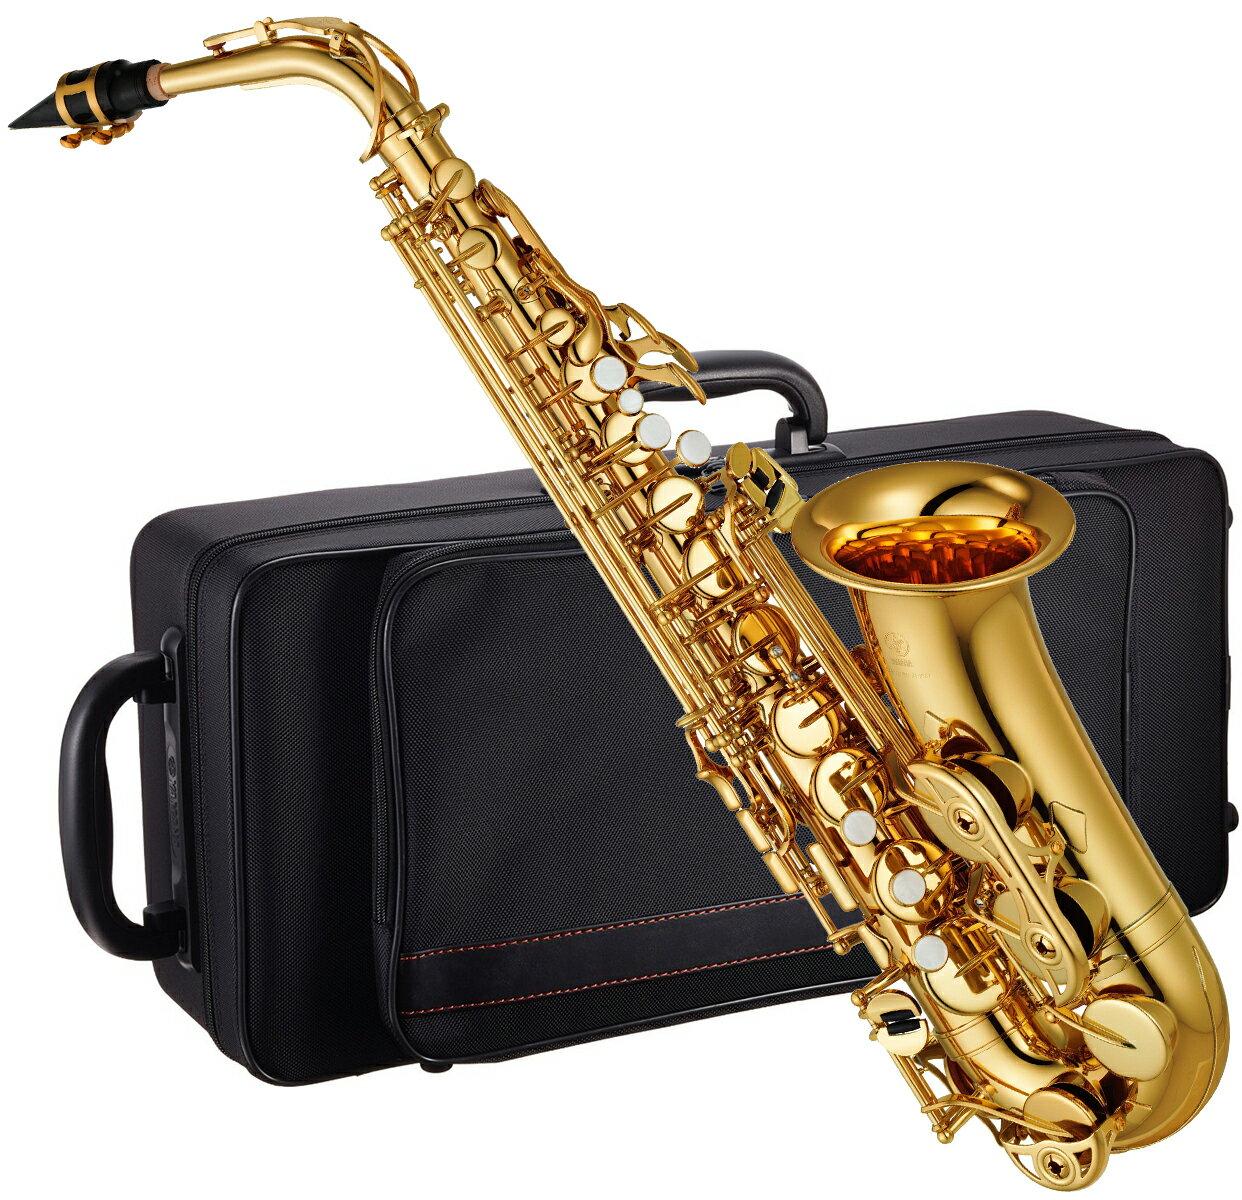 この価格在庫限り YAMAHA ( ヤマハ ) YAS-380 アルトサックス 新品 管楽器 ゴールド 管体 ネック E♭ 本体 初心者 サックス YAS380 alto saxophone アルトサクソフォン 送料無料